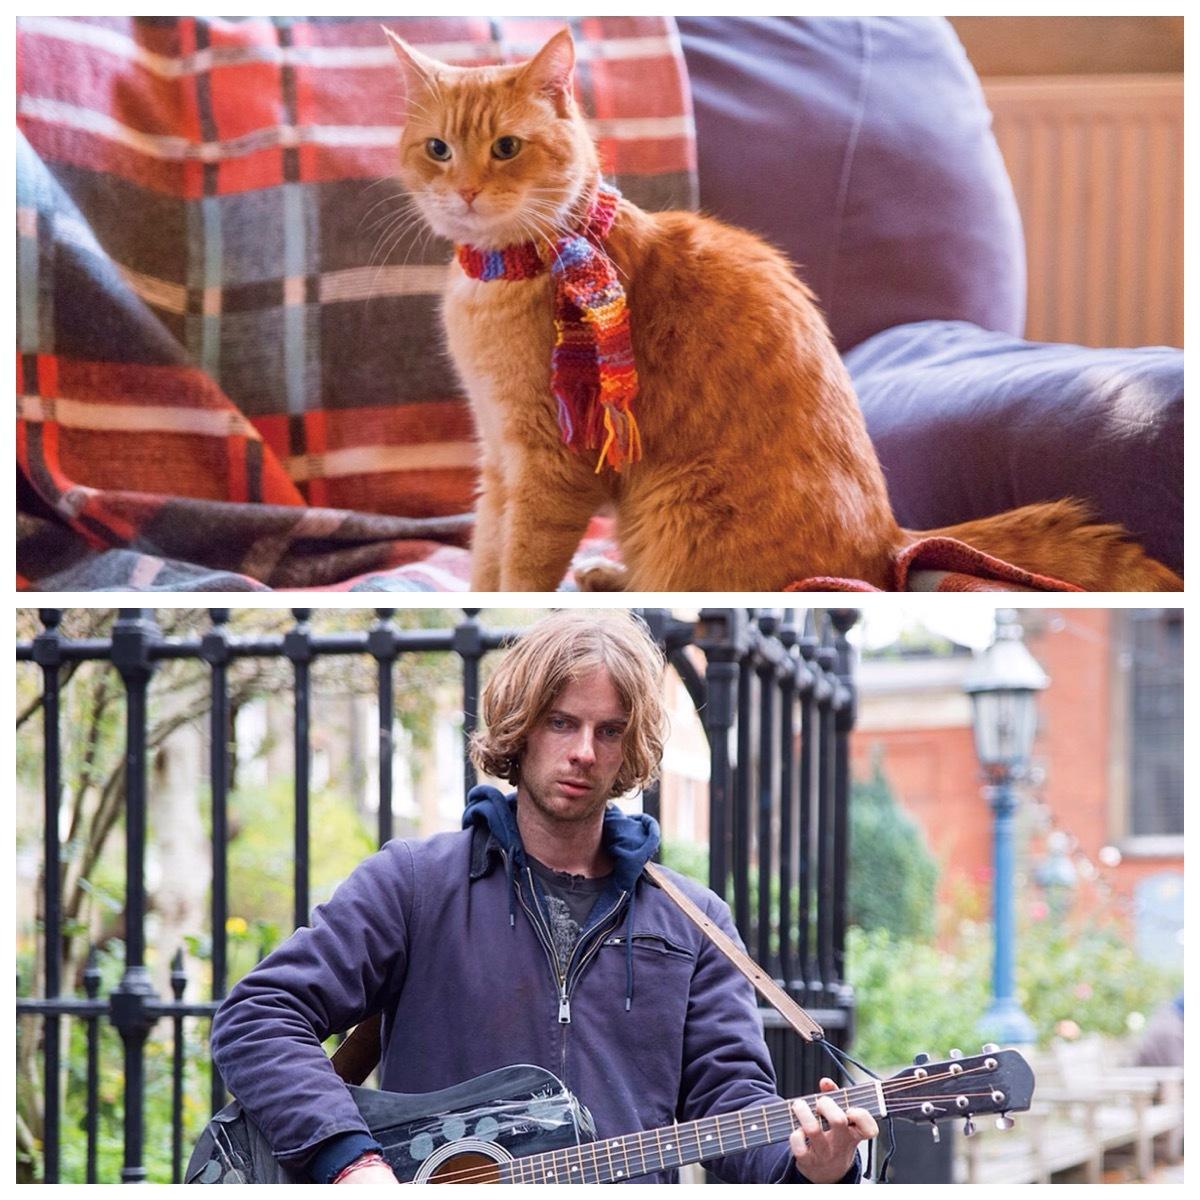 そして今週の休みわ ボブと言う名の猫を 観た訳です (o^^o)_f0039487_17103749.jpg